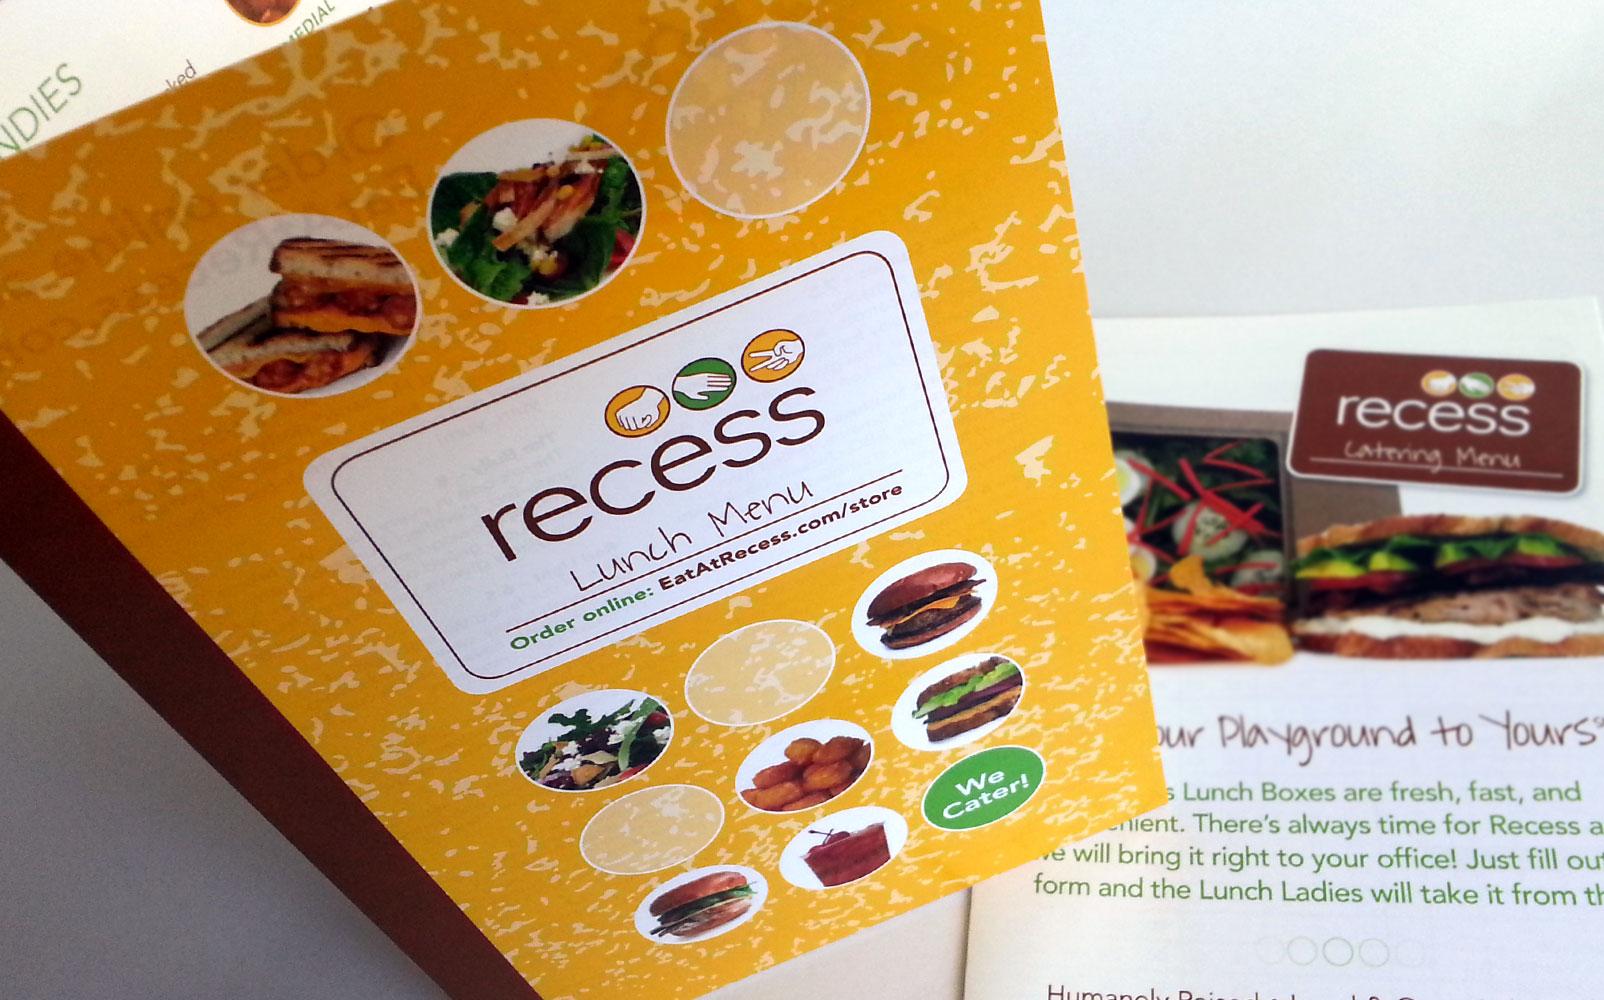 Recess Brochure and Menu Design & Recess Brochure and Menu Design | evolving door design pezcame.com